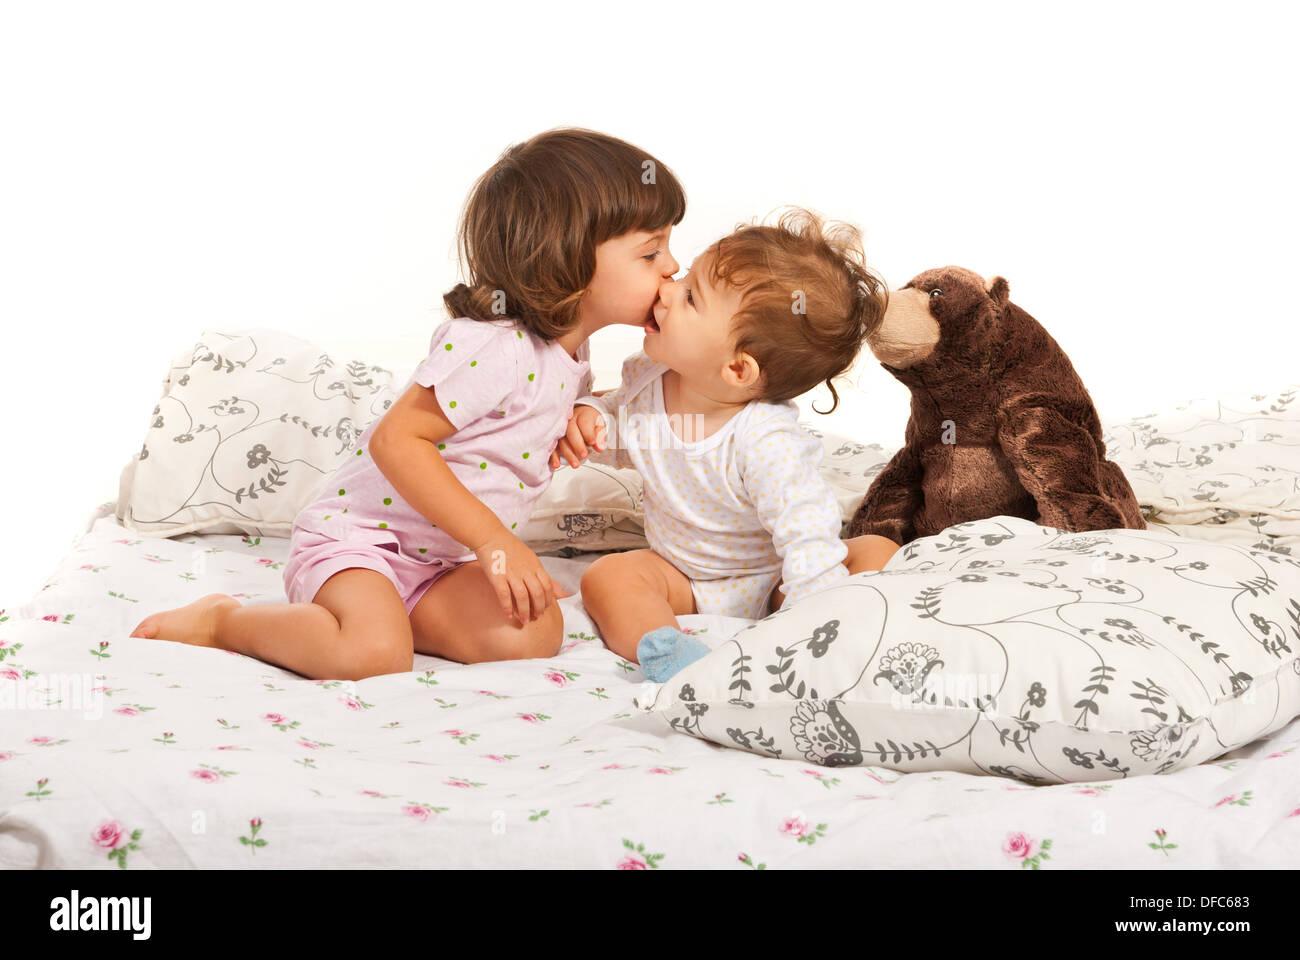 Bett Kleinkind Junge ~ Kleinkind mädchen einen jungen küssen und sitzen zusammen im bett